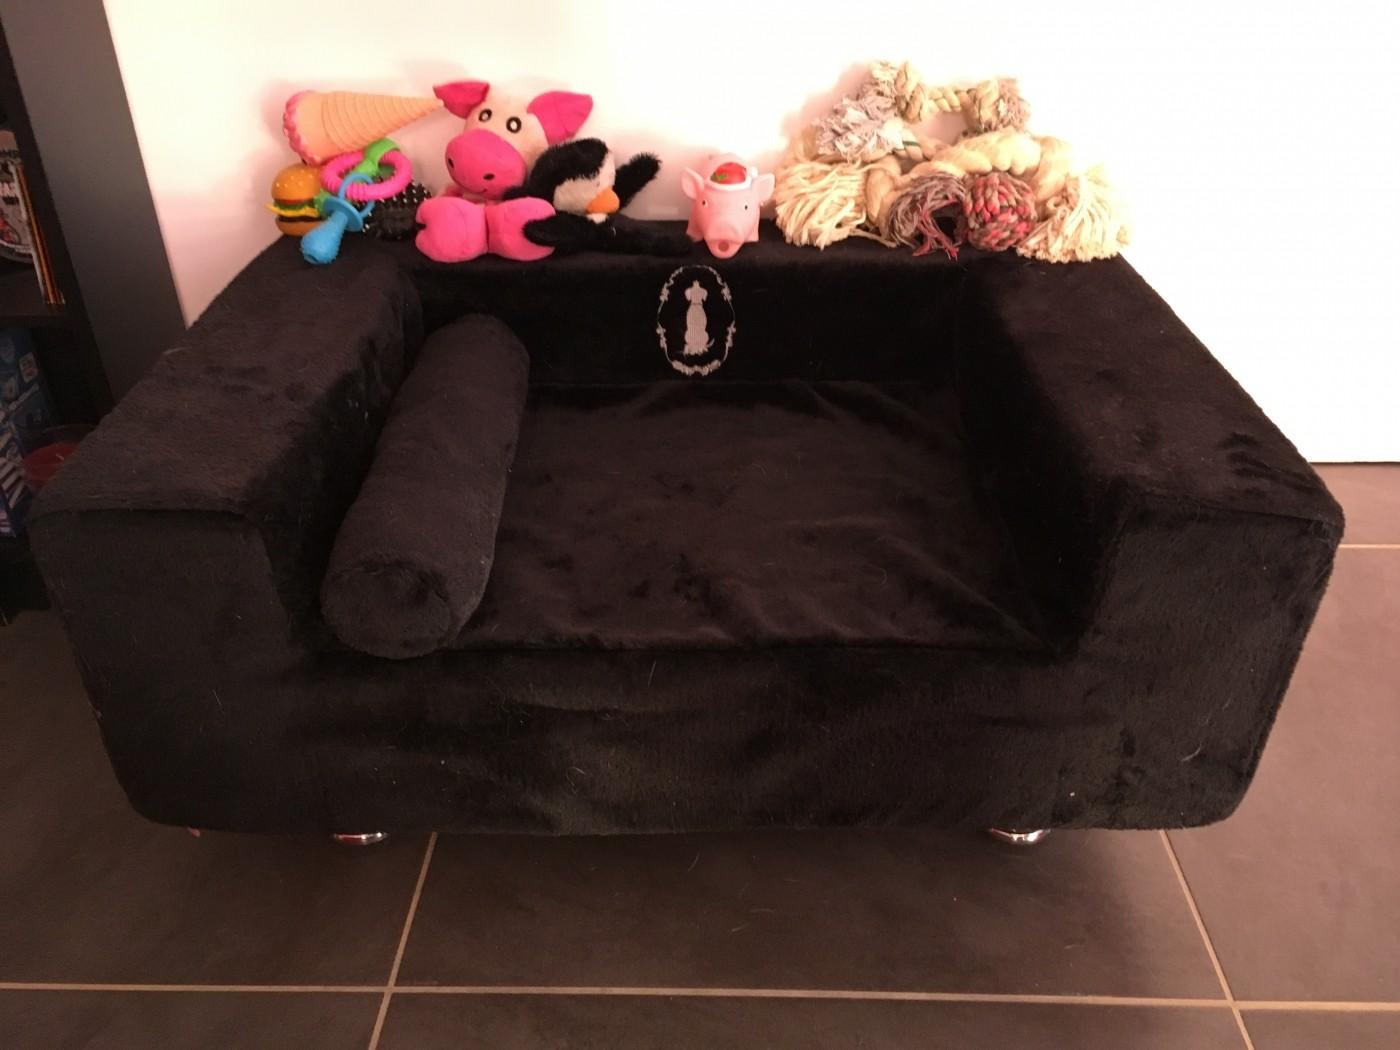 interieur et canap canap dangle salon dangle cuir canap mridienne meubles elmo with interieur. Black Bedroom Furniture Sets. Home Design Ideas